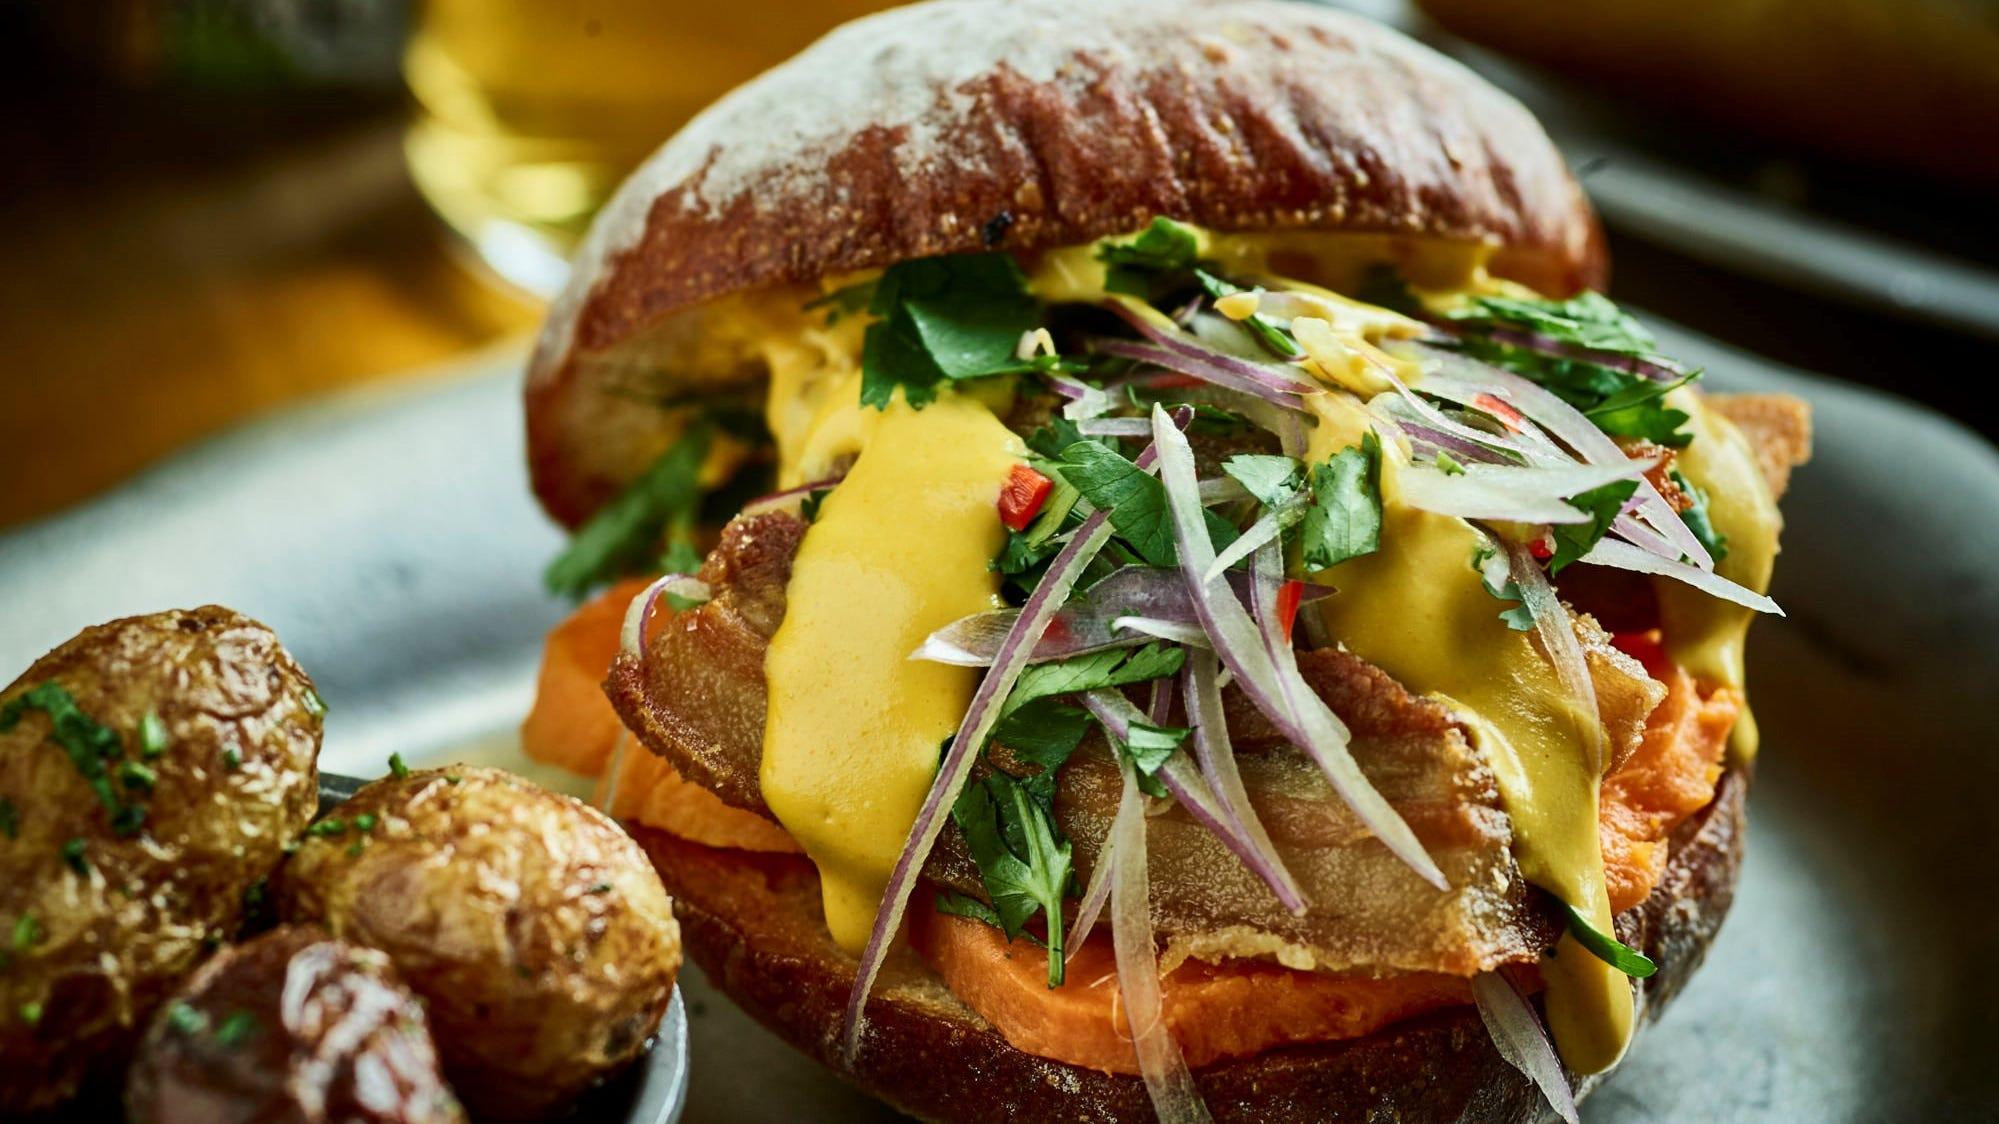 Pan con chicharron -- a Peruvian crispy pork belly sandwich -- will be on the menu at Latido at Joebar when it debuts in Hazel Park Jan. 22.